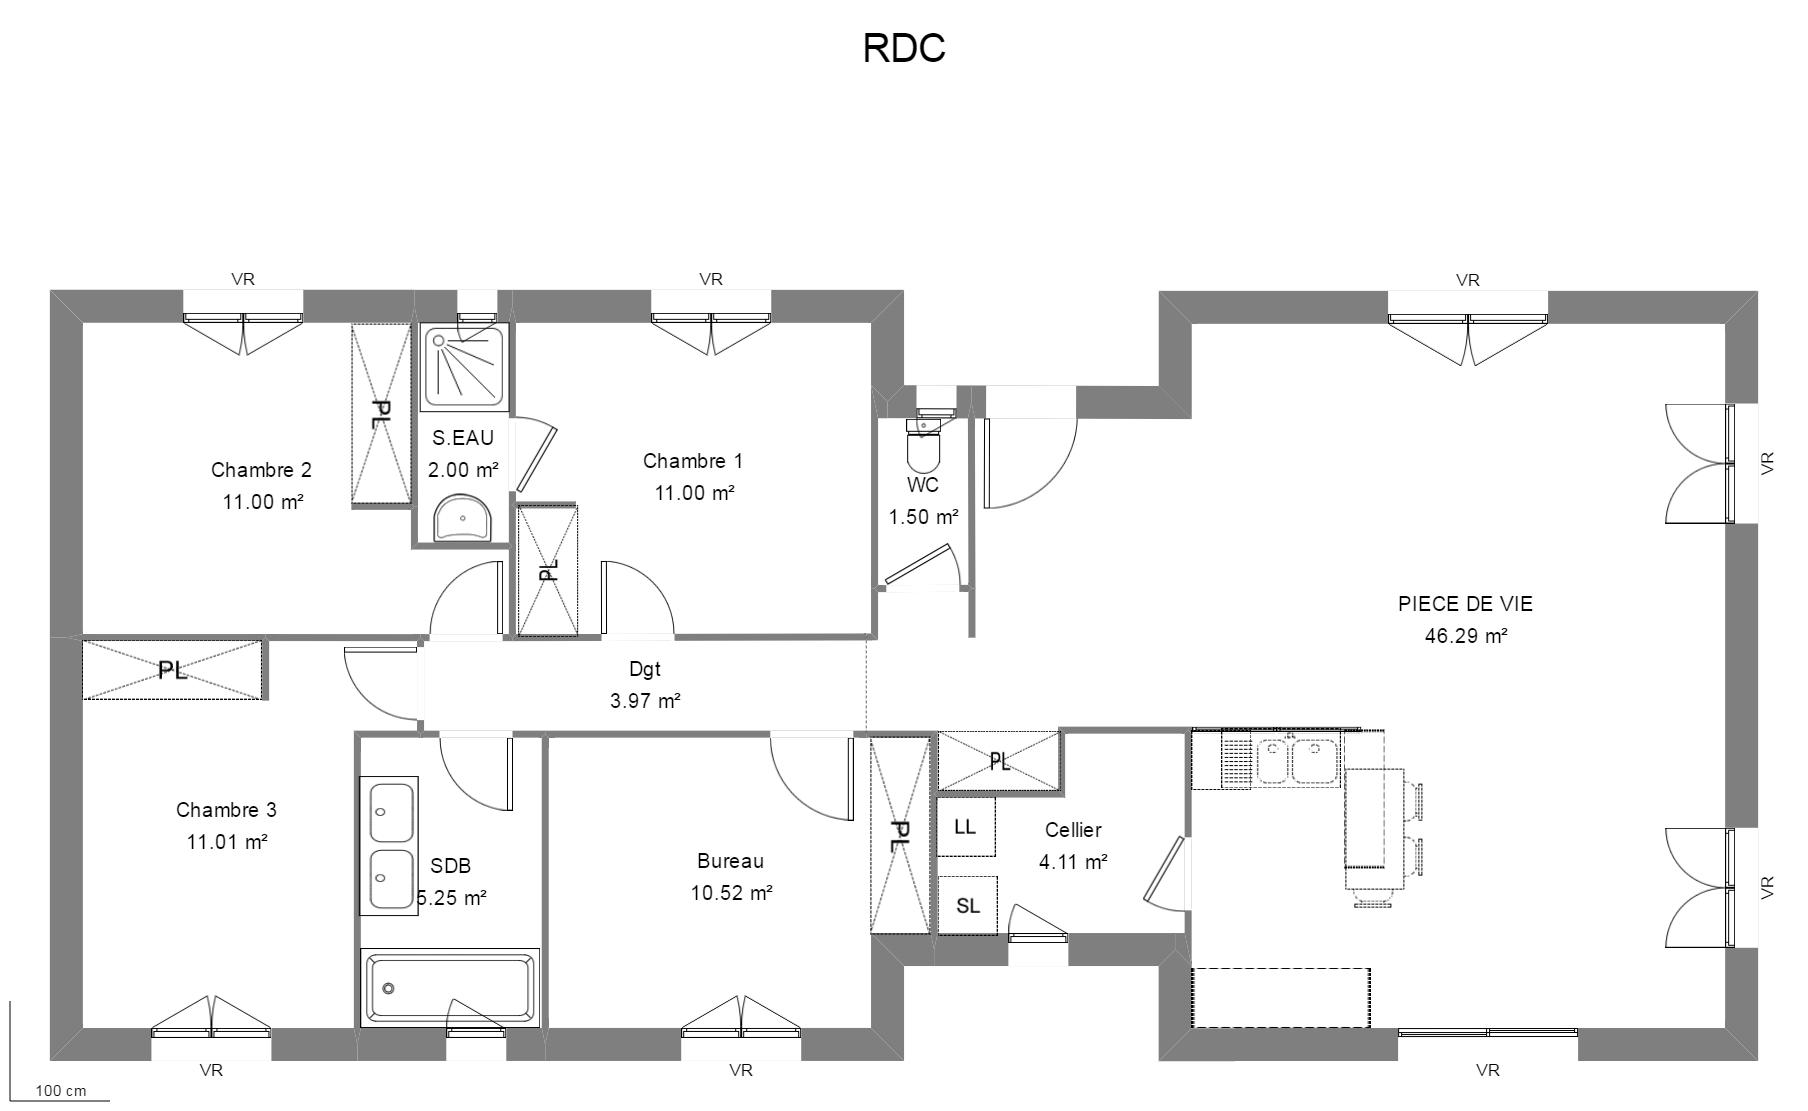 #666666 Constructeur Maisons Personnalisées Maison Heraud 2935 plan de maison avec suite parentale 1808x1111 px @ aertt.com